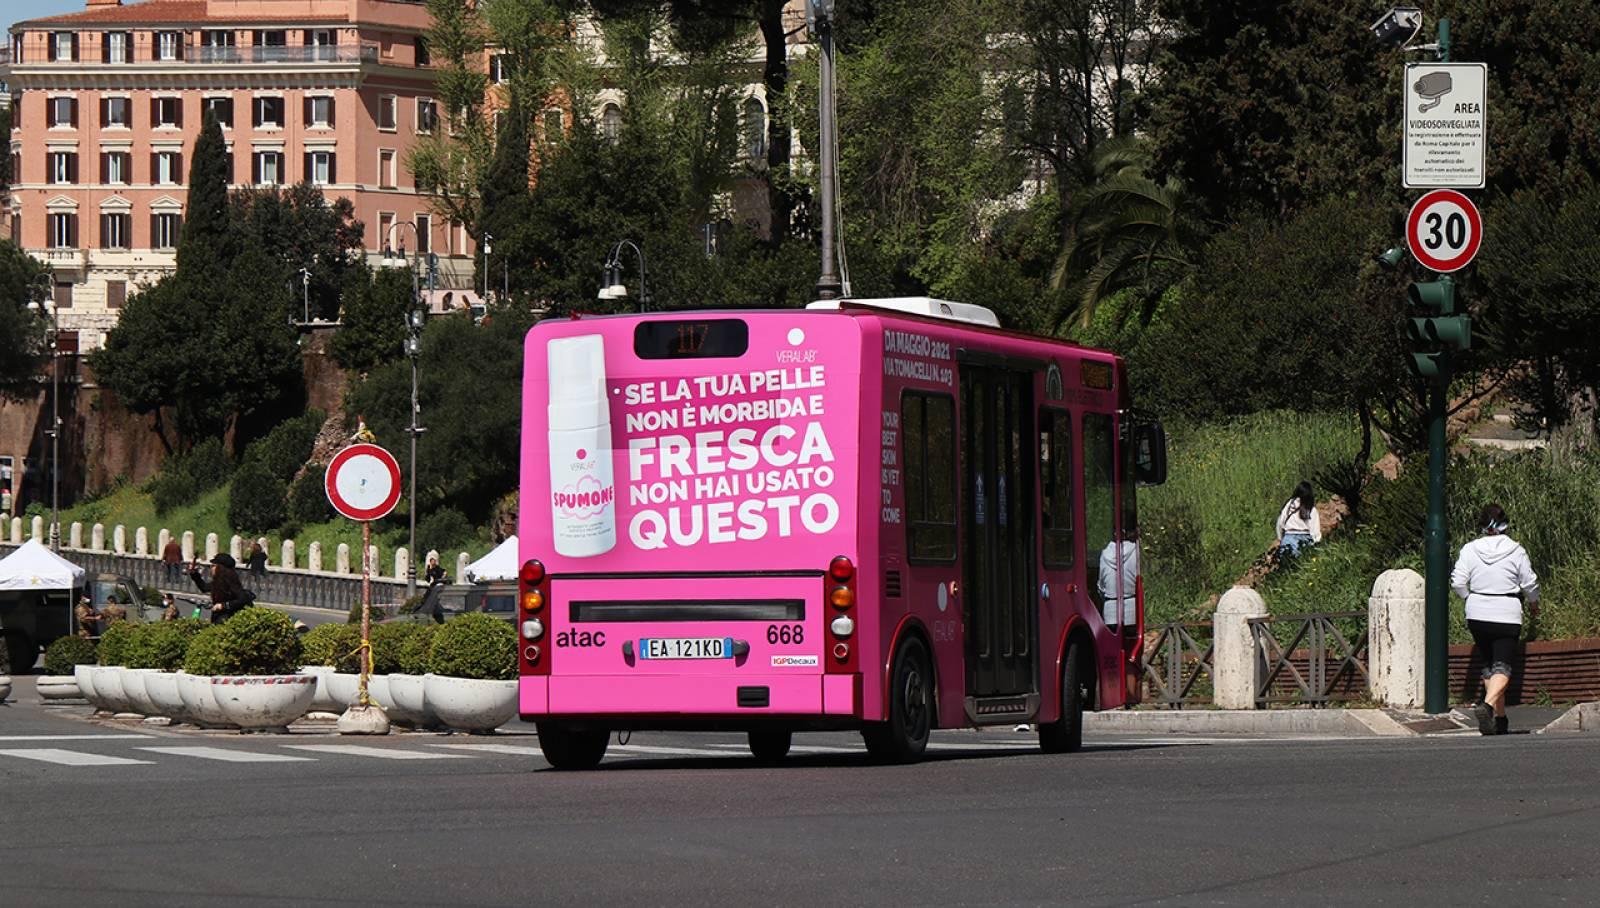 Pubblicità su autobus a Roma IGPDecaux Full-Wrap per L'Estetista Cinica